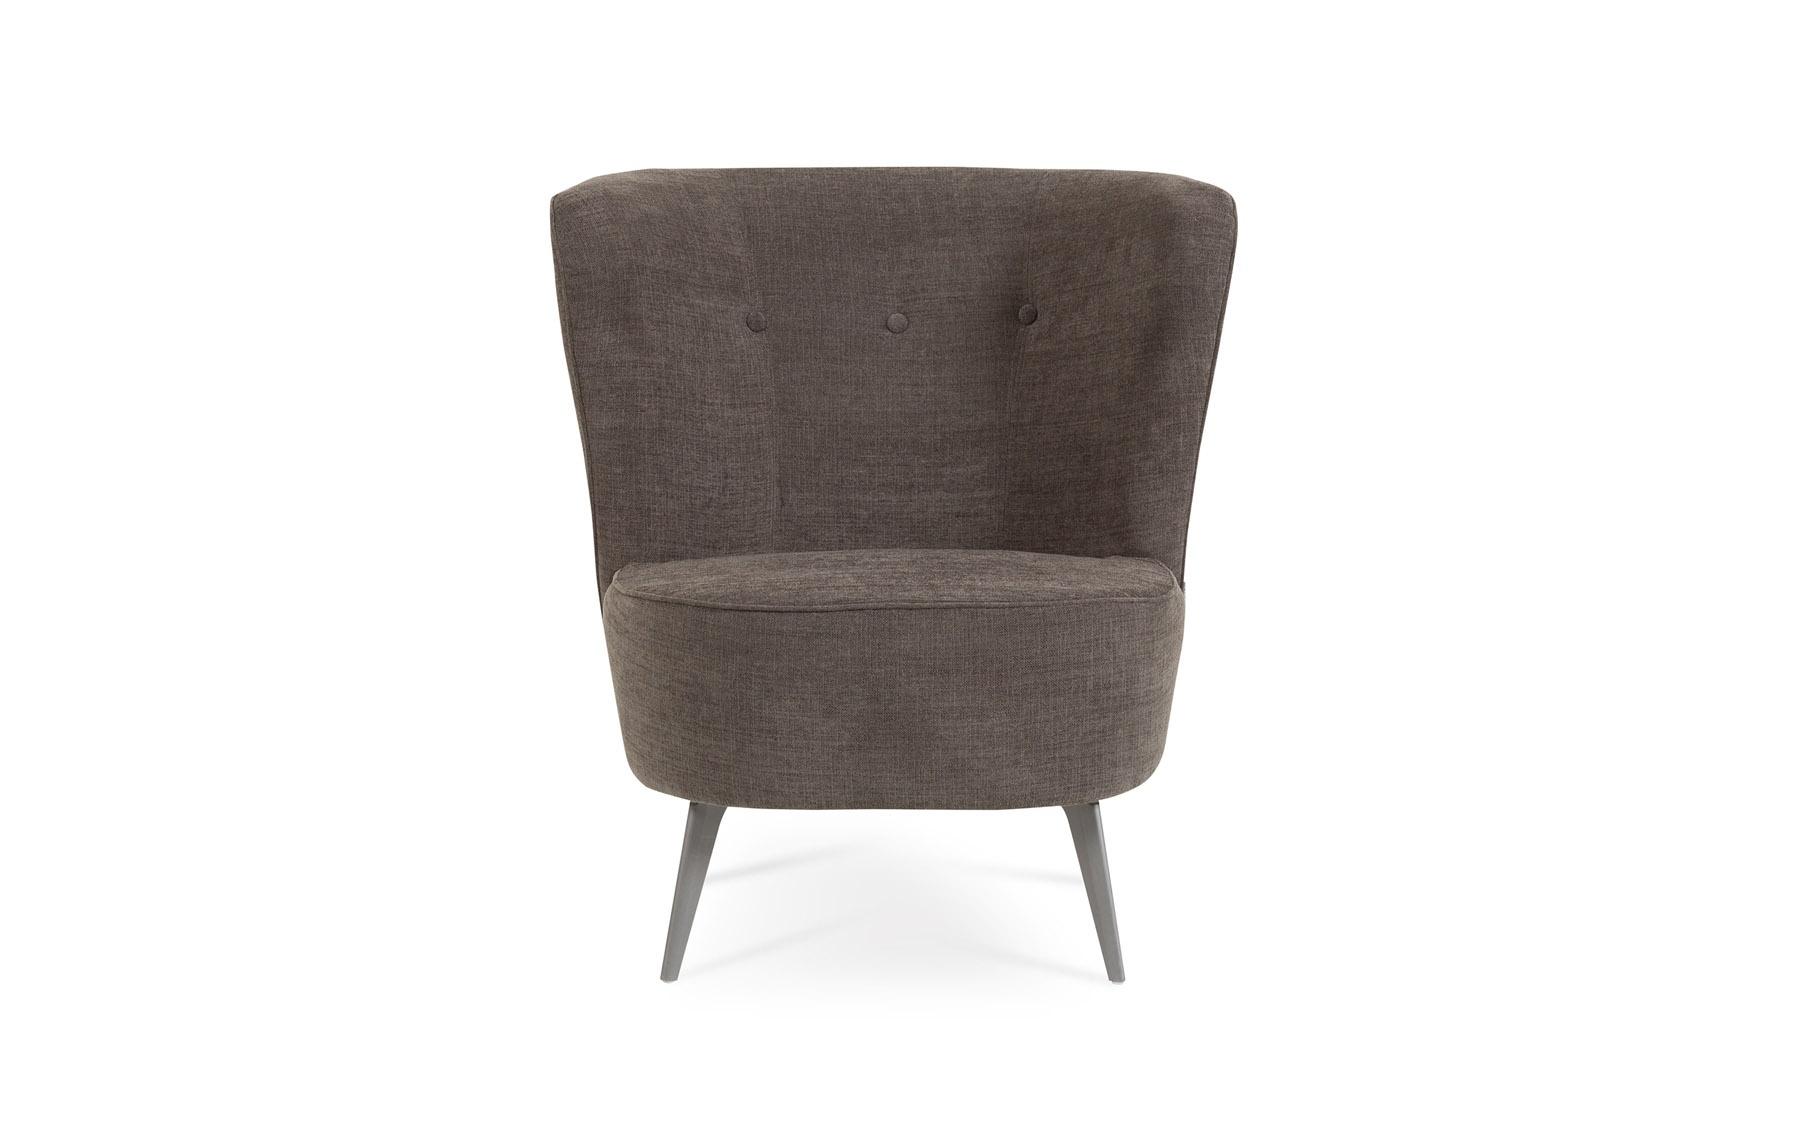 Fauteuil t773 fauteuils salons la galerie du meuble - La galerie du meuble contemporain ...